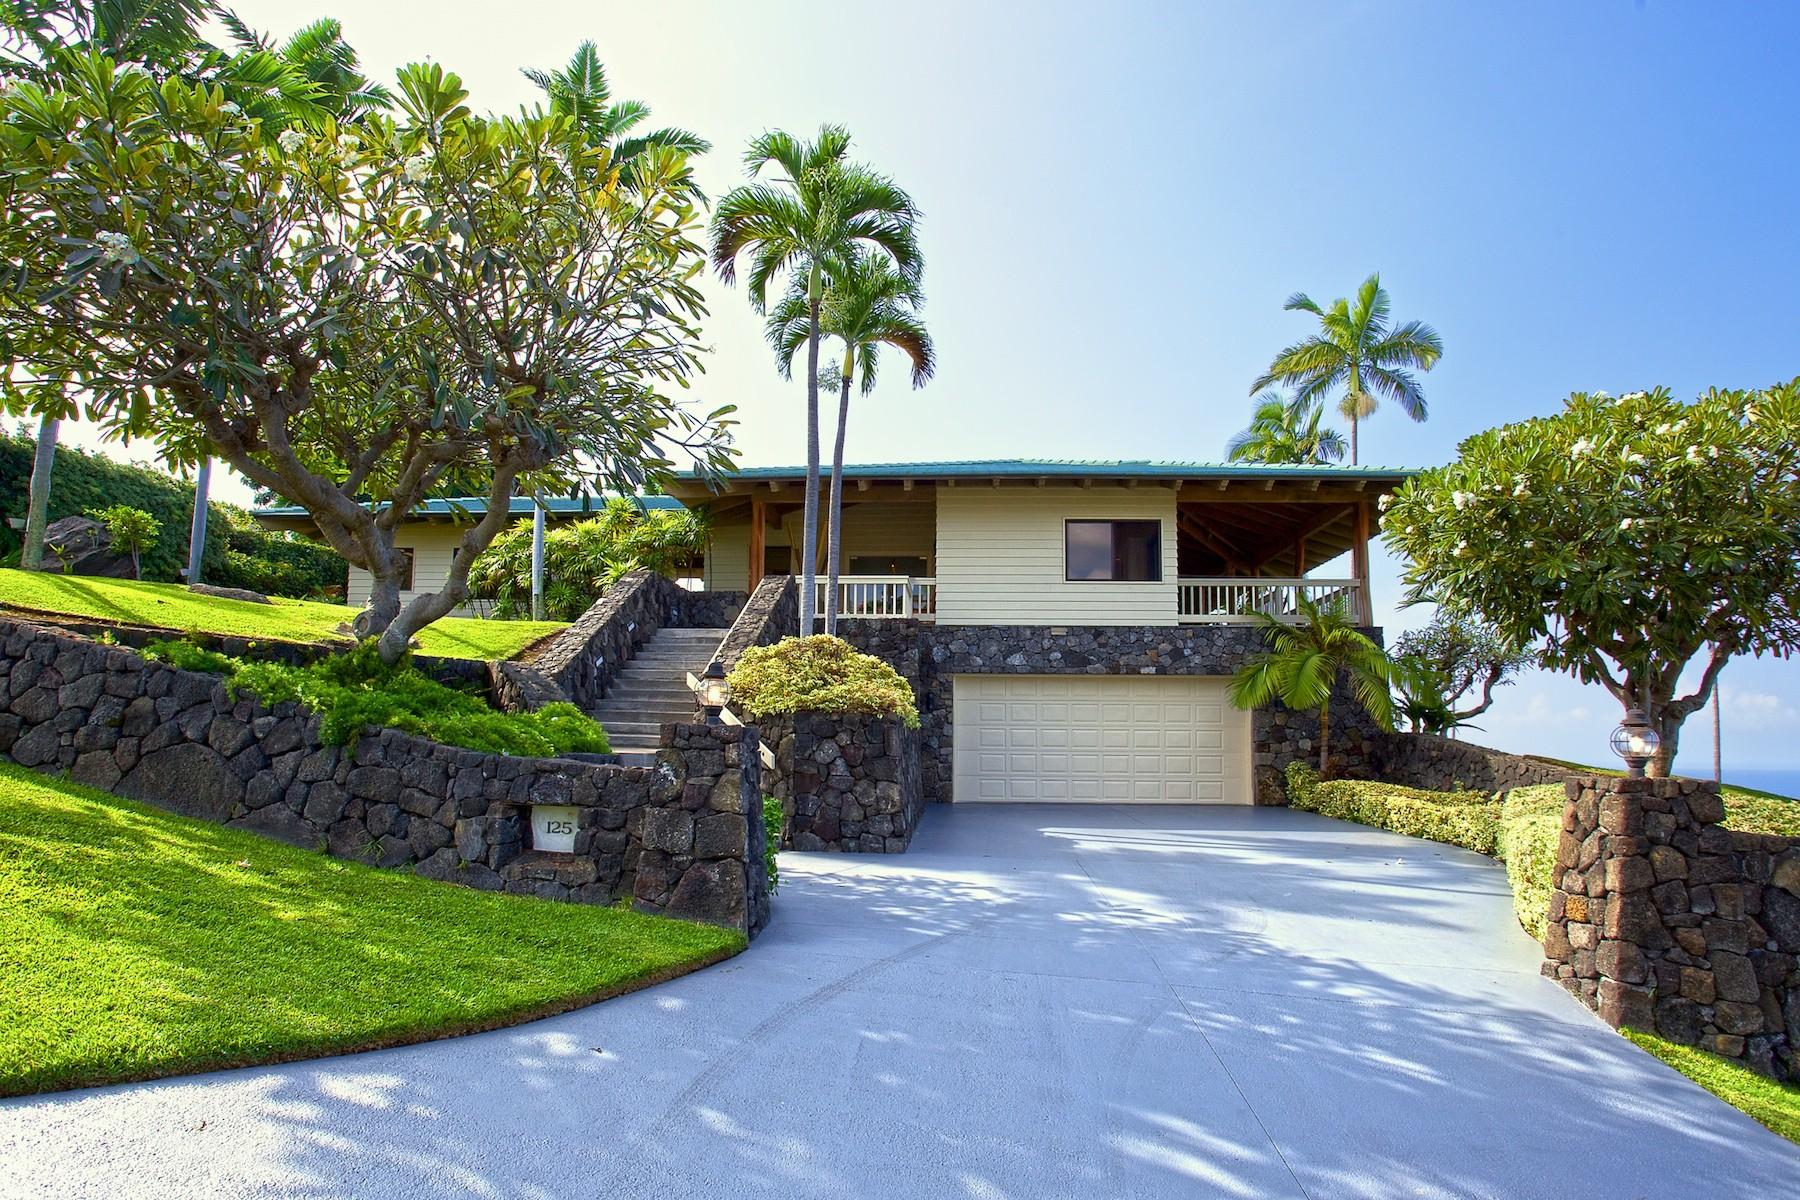 Casa Unifamiliar por un Venta en Keauhou Estates 78-6807 Kuhinanui Way Kailua-Kona, Hawaii, 96740 Estados Unidos